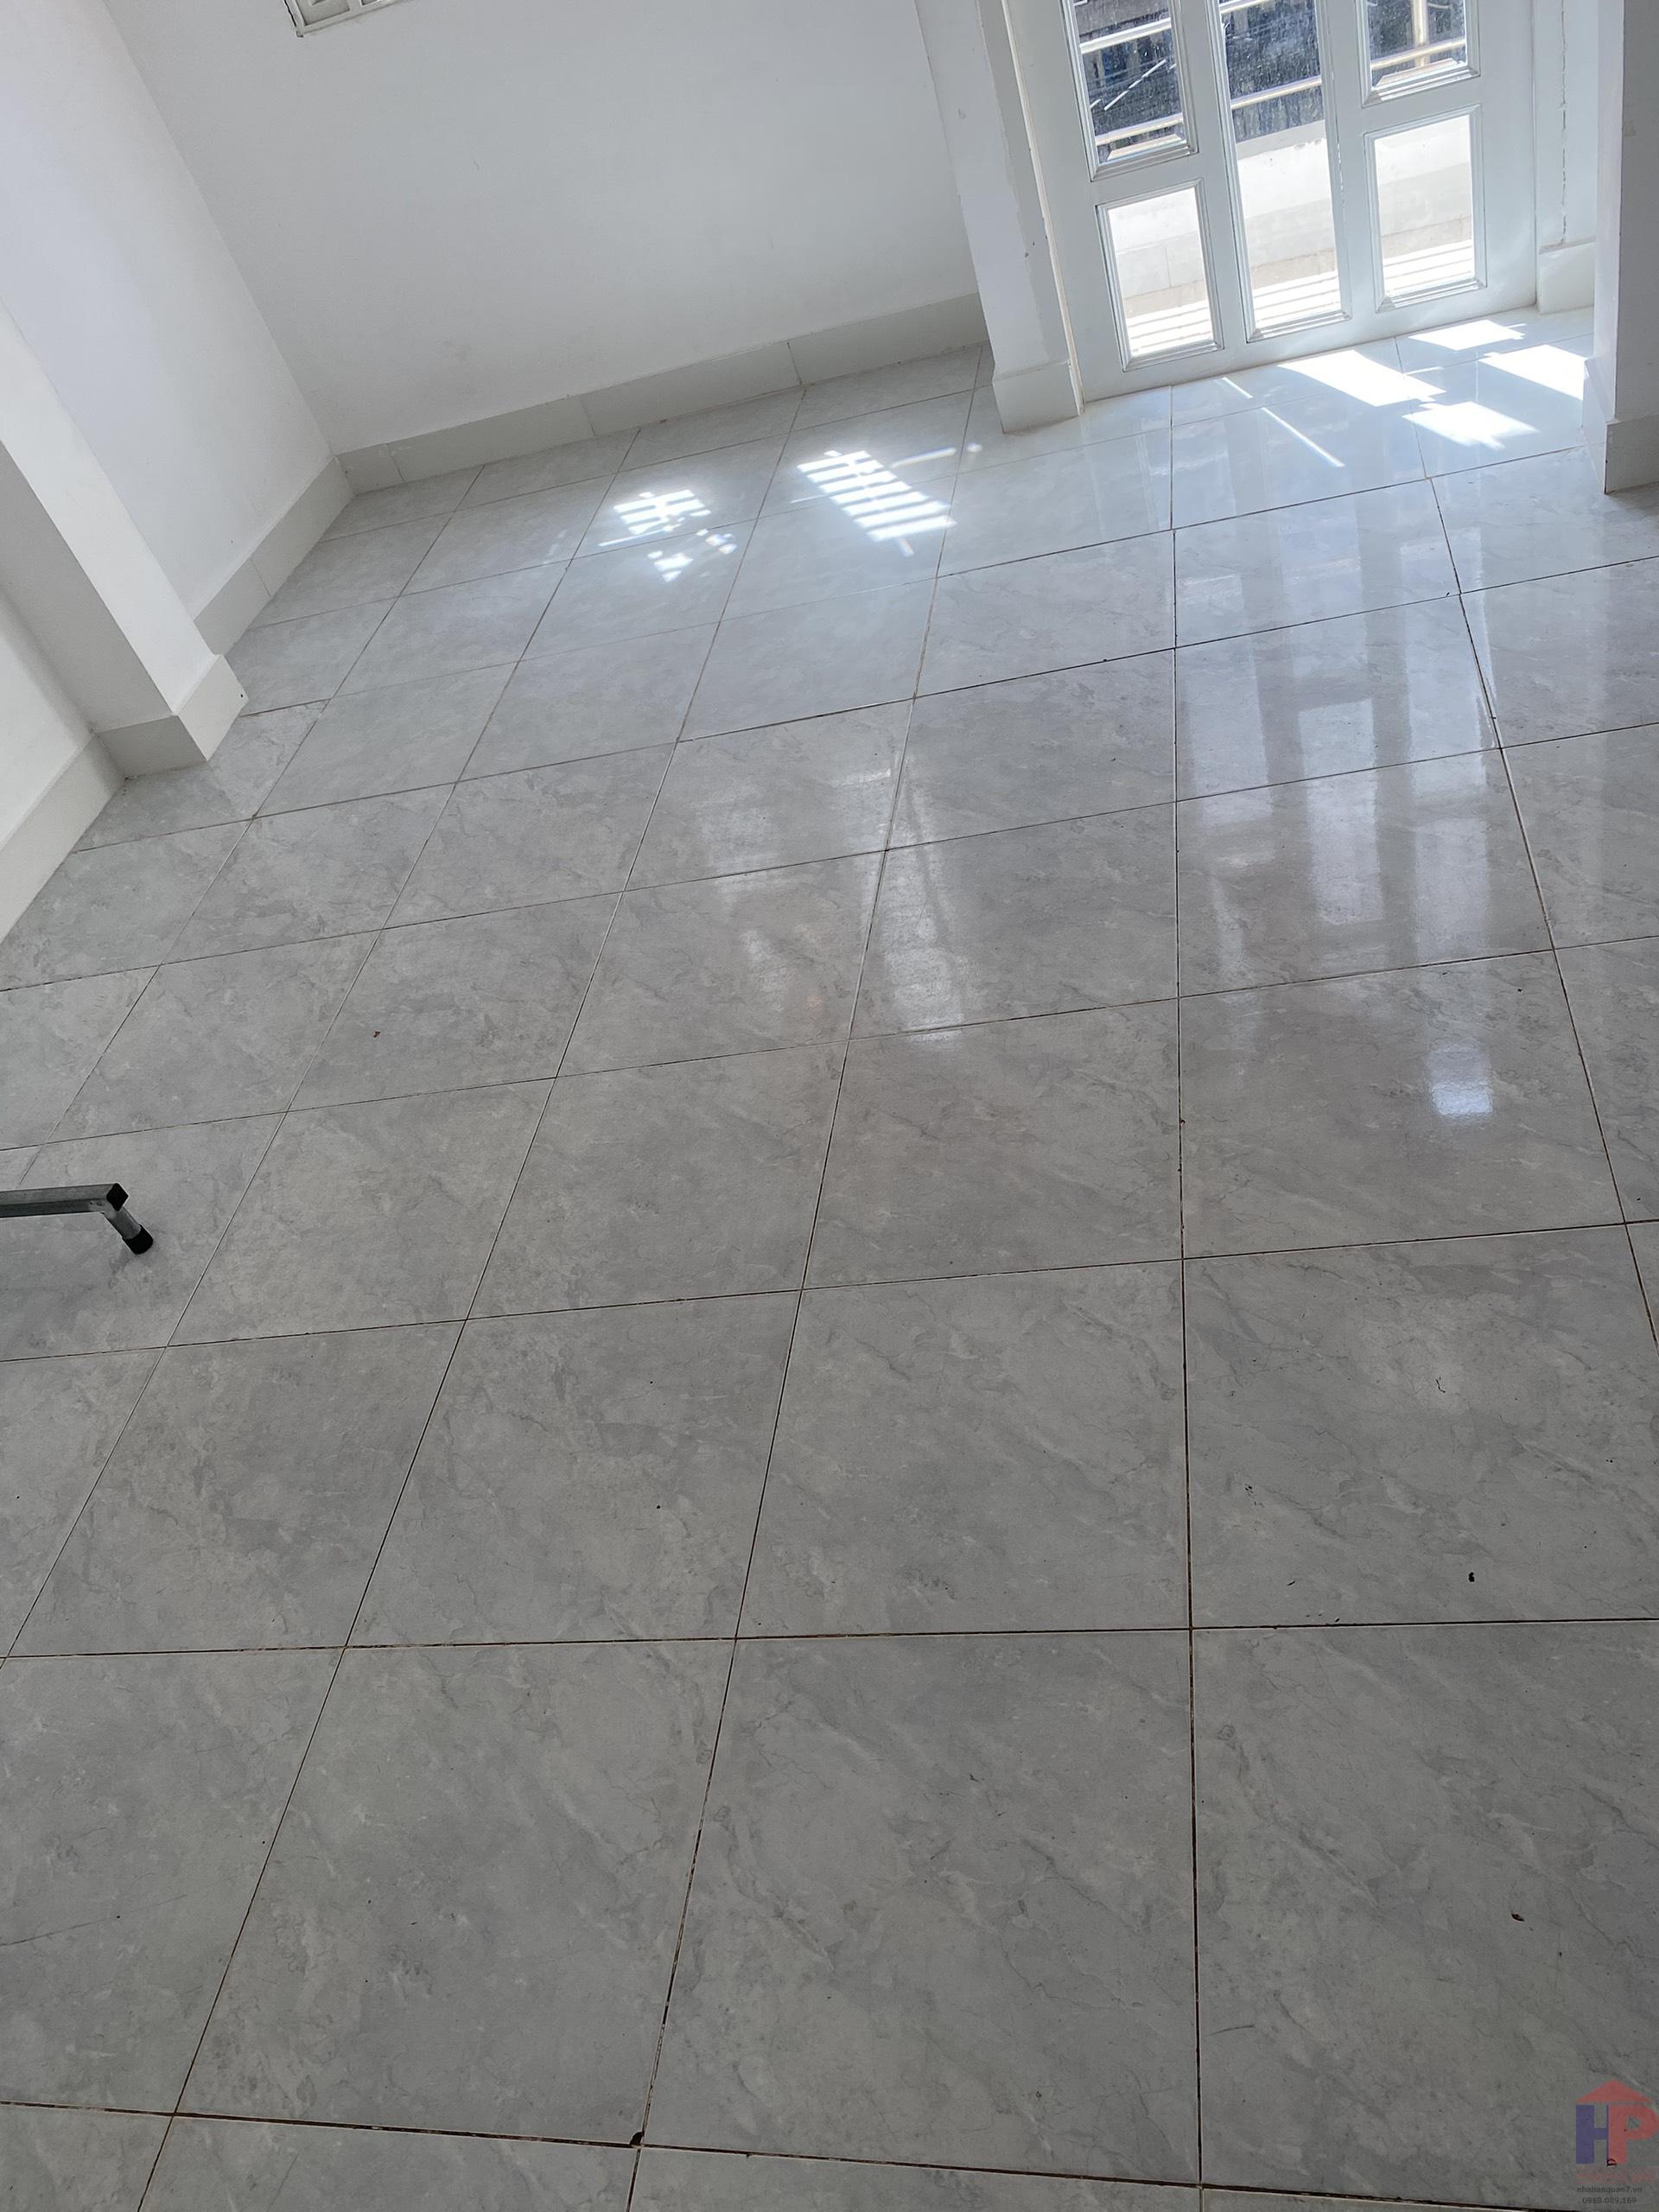 Cho thuê nhà nguyên căn Phường Tân Kiểng, Quận 7 Diện tích: 80 m2 LH 0909477288